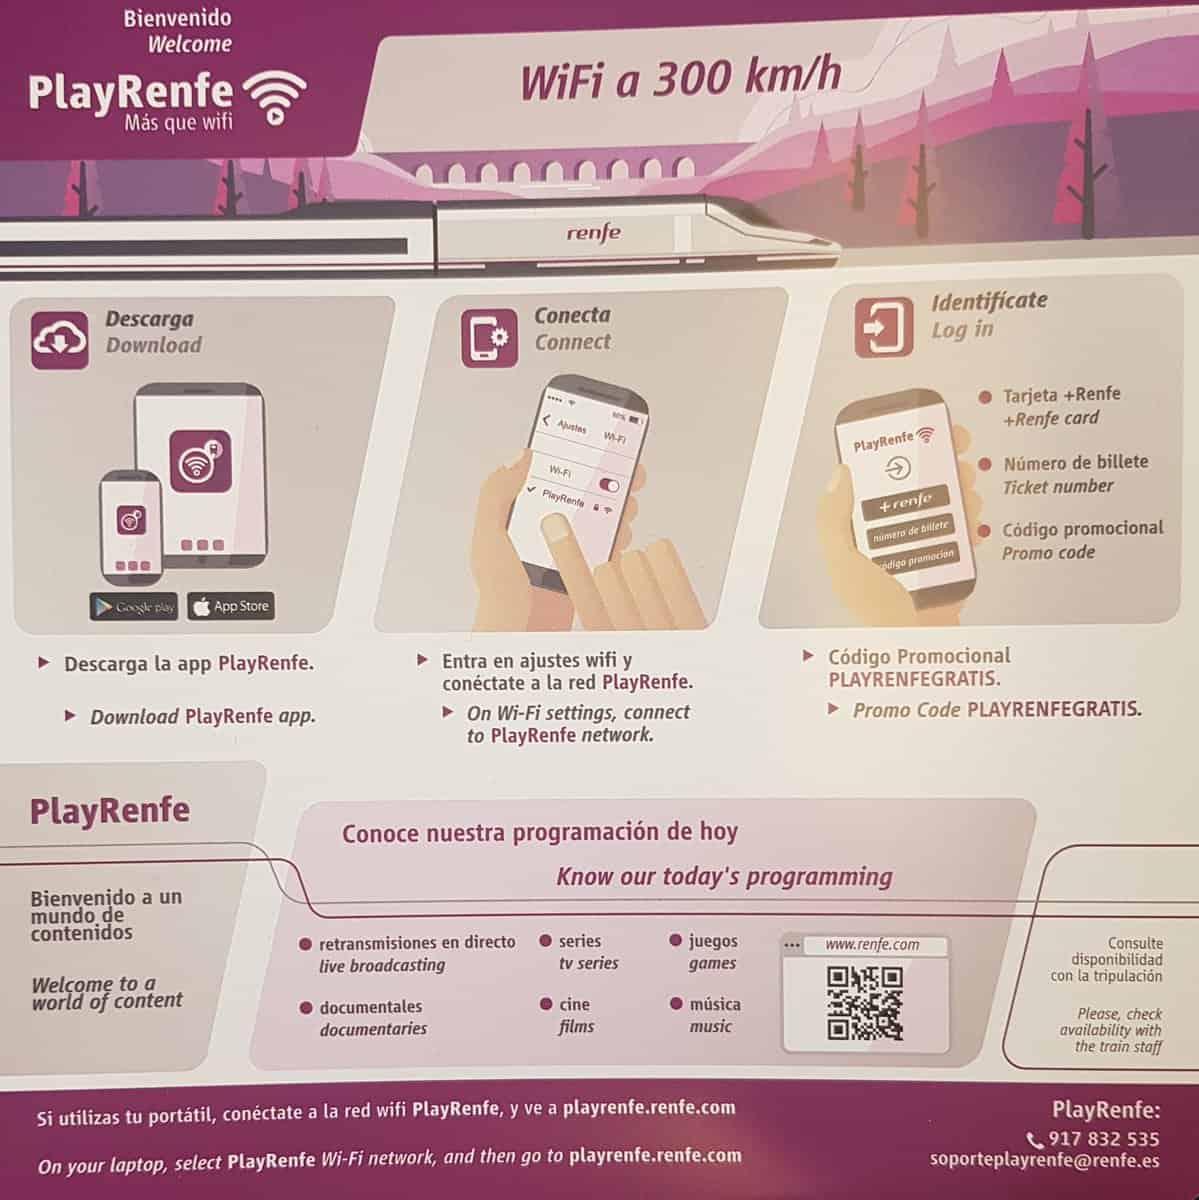 como conectar wifi en AVE Renfe